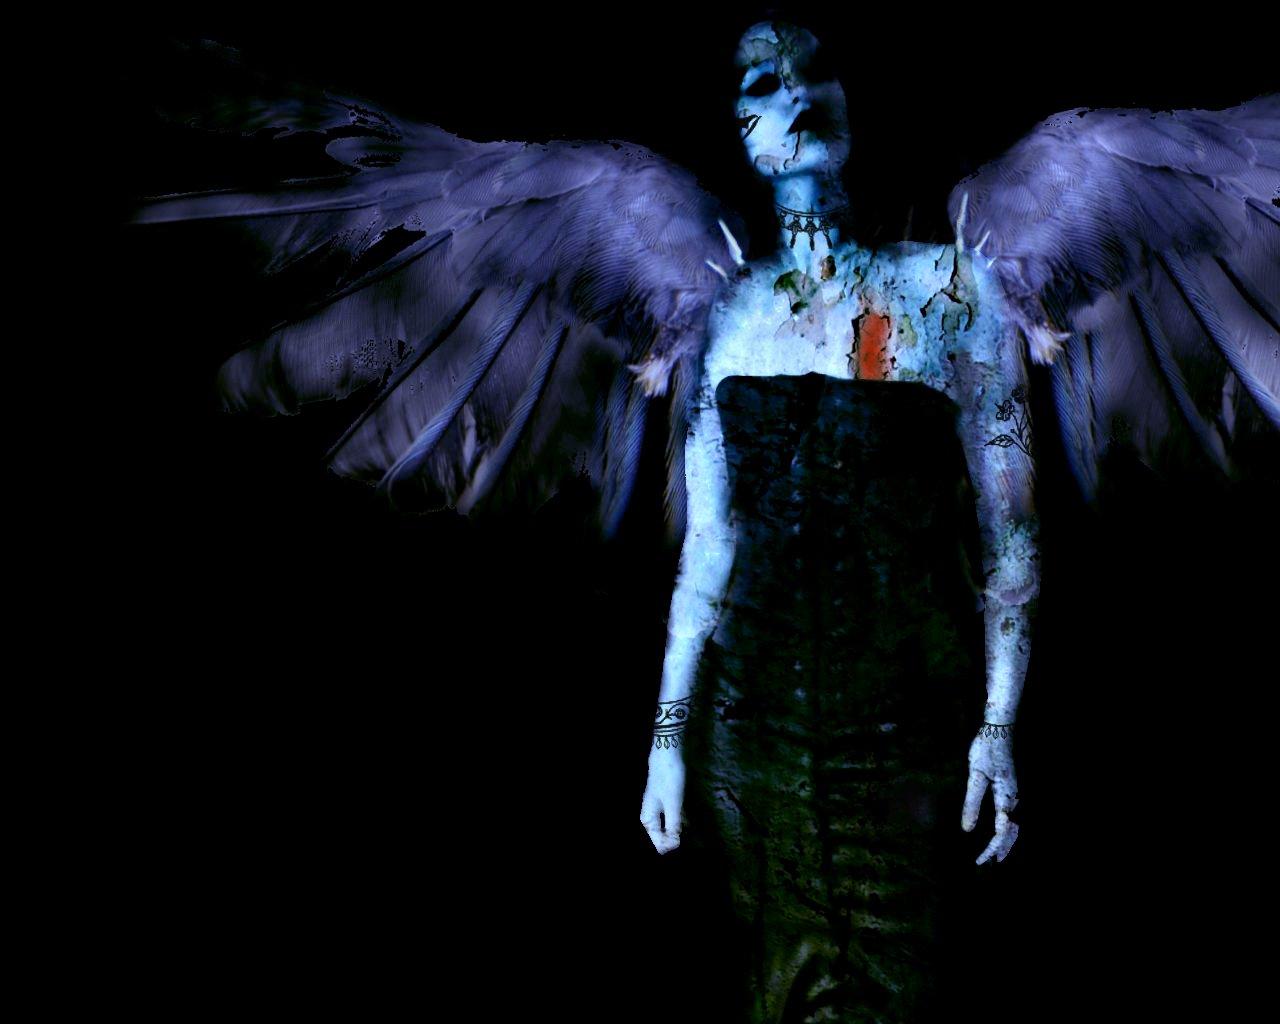 http://3.bp.blogspot.com/-6h8f4Ip08ak/TmvwASg1aaI/AAAAAAAAAFo/9-tQf_zQutc/s1600/angel_gotico_wallpaper.jpg